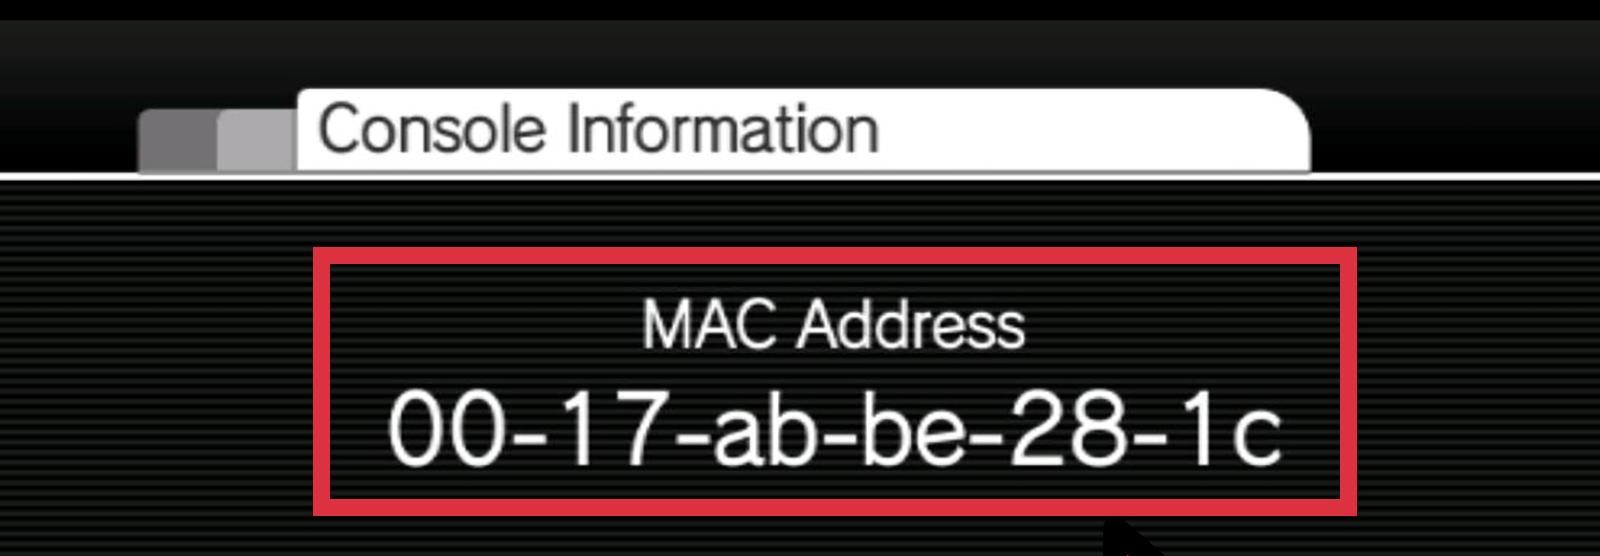 Как поменять мак адрес компьютера